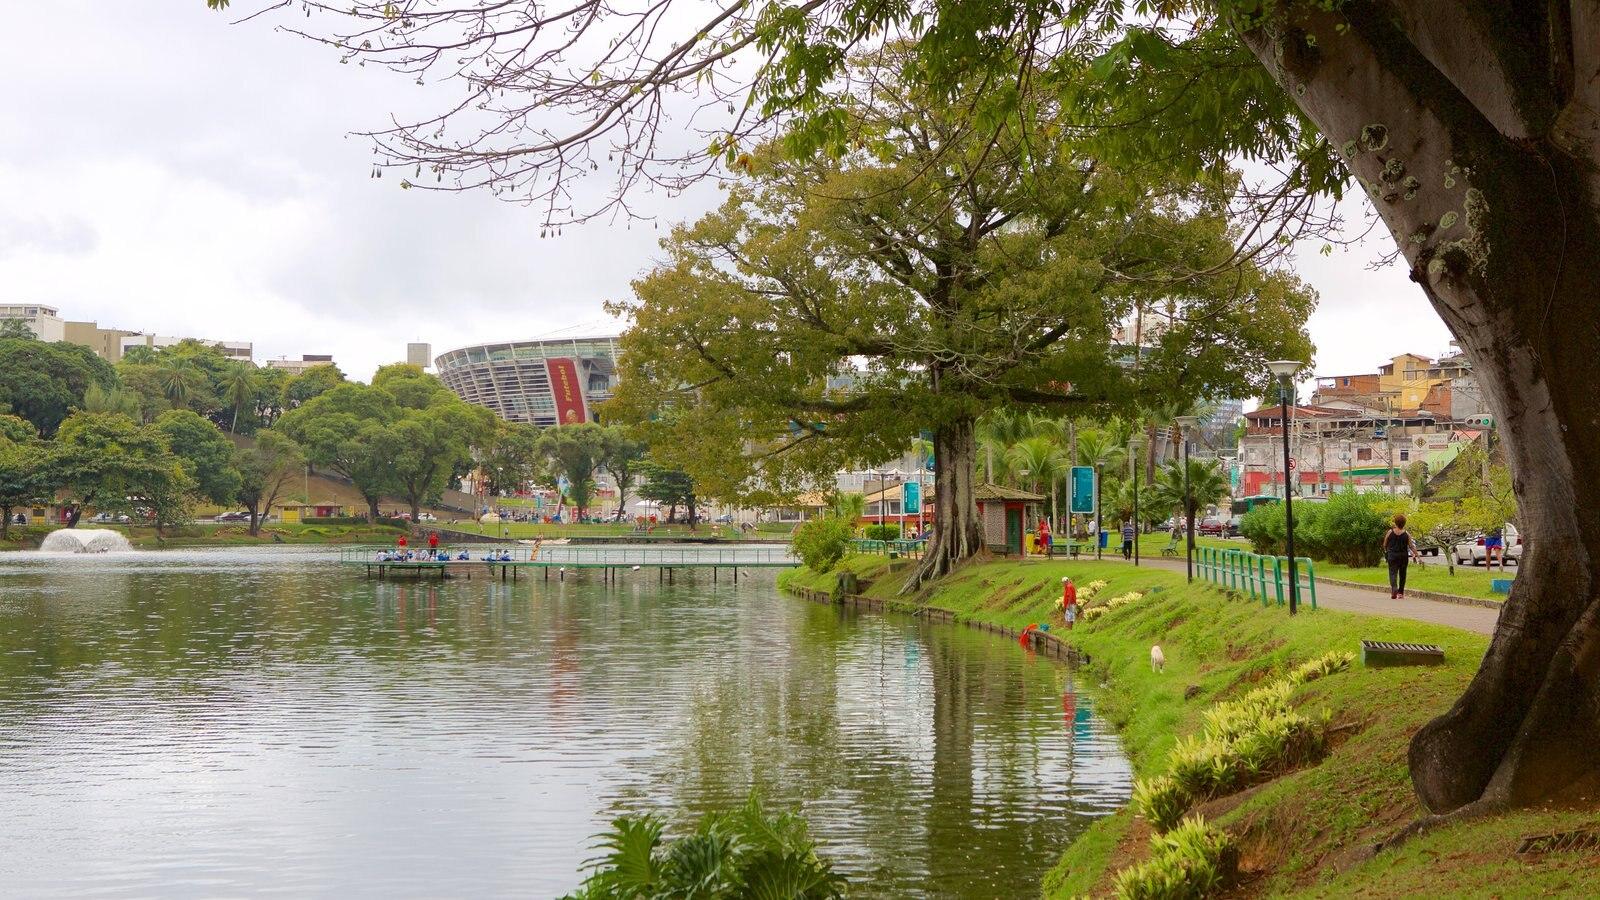 Estádio Fonte Nova caracterizando um lago ou charco e um parque